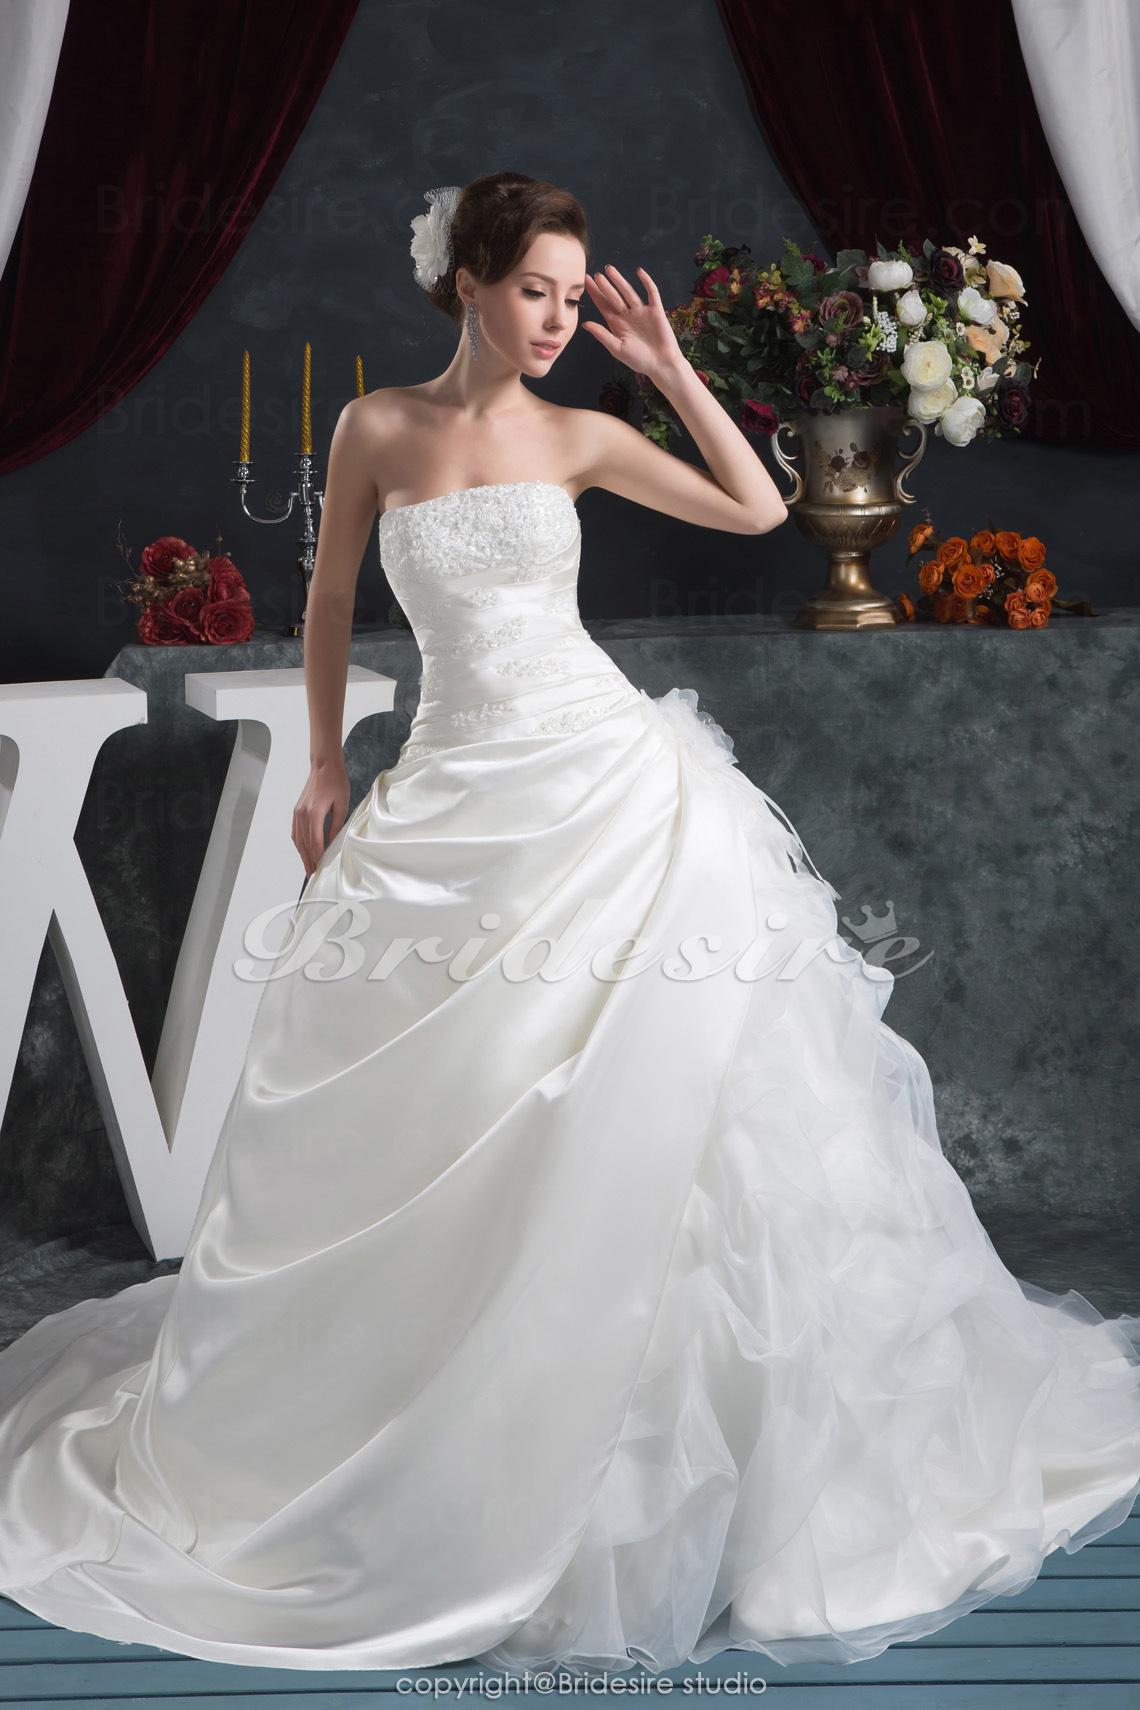 52371e145 Bridesire - Corte Evasé Strapless Hasta el Suelo Cola Gorrailla Sin Mangas  Satén Vestido de Novia  BDH1668  - €187.55   Bridesire